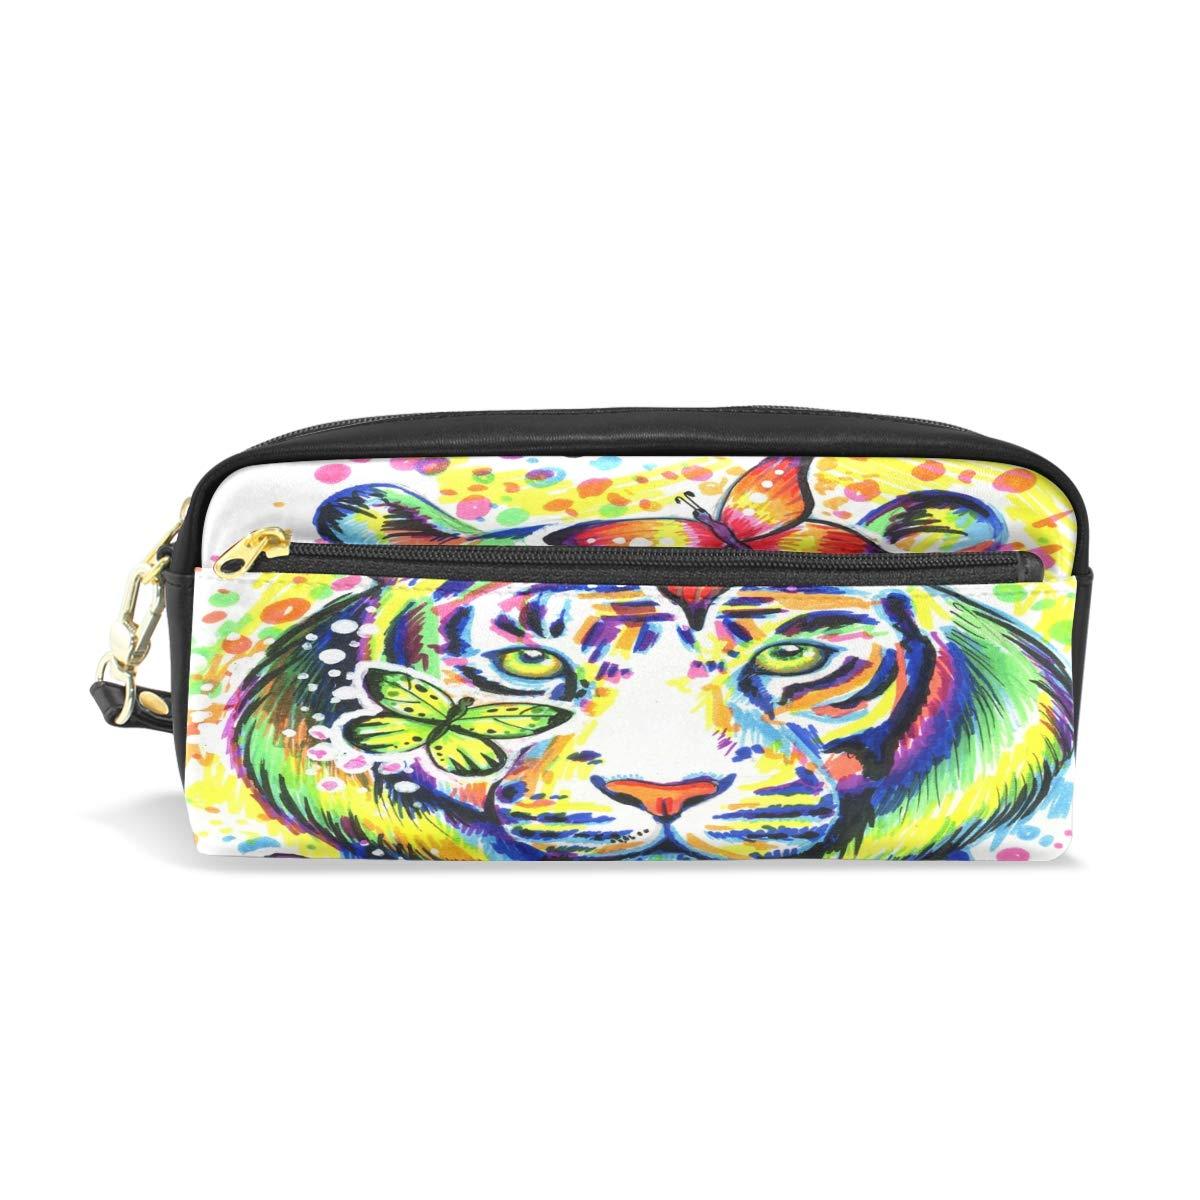 Funnyy - Estuche de piel cremallera sintética con cremallera piel para lápices, diseño de cara de tigre y mariposas 82d01c